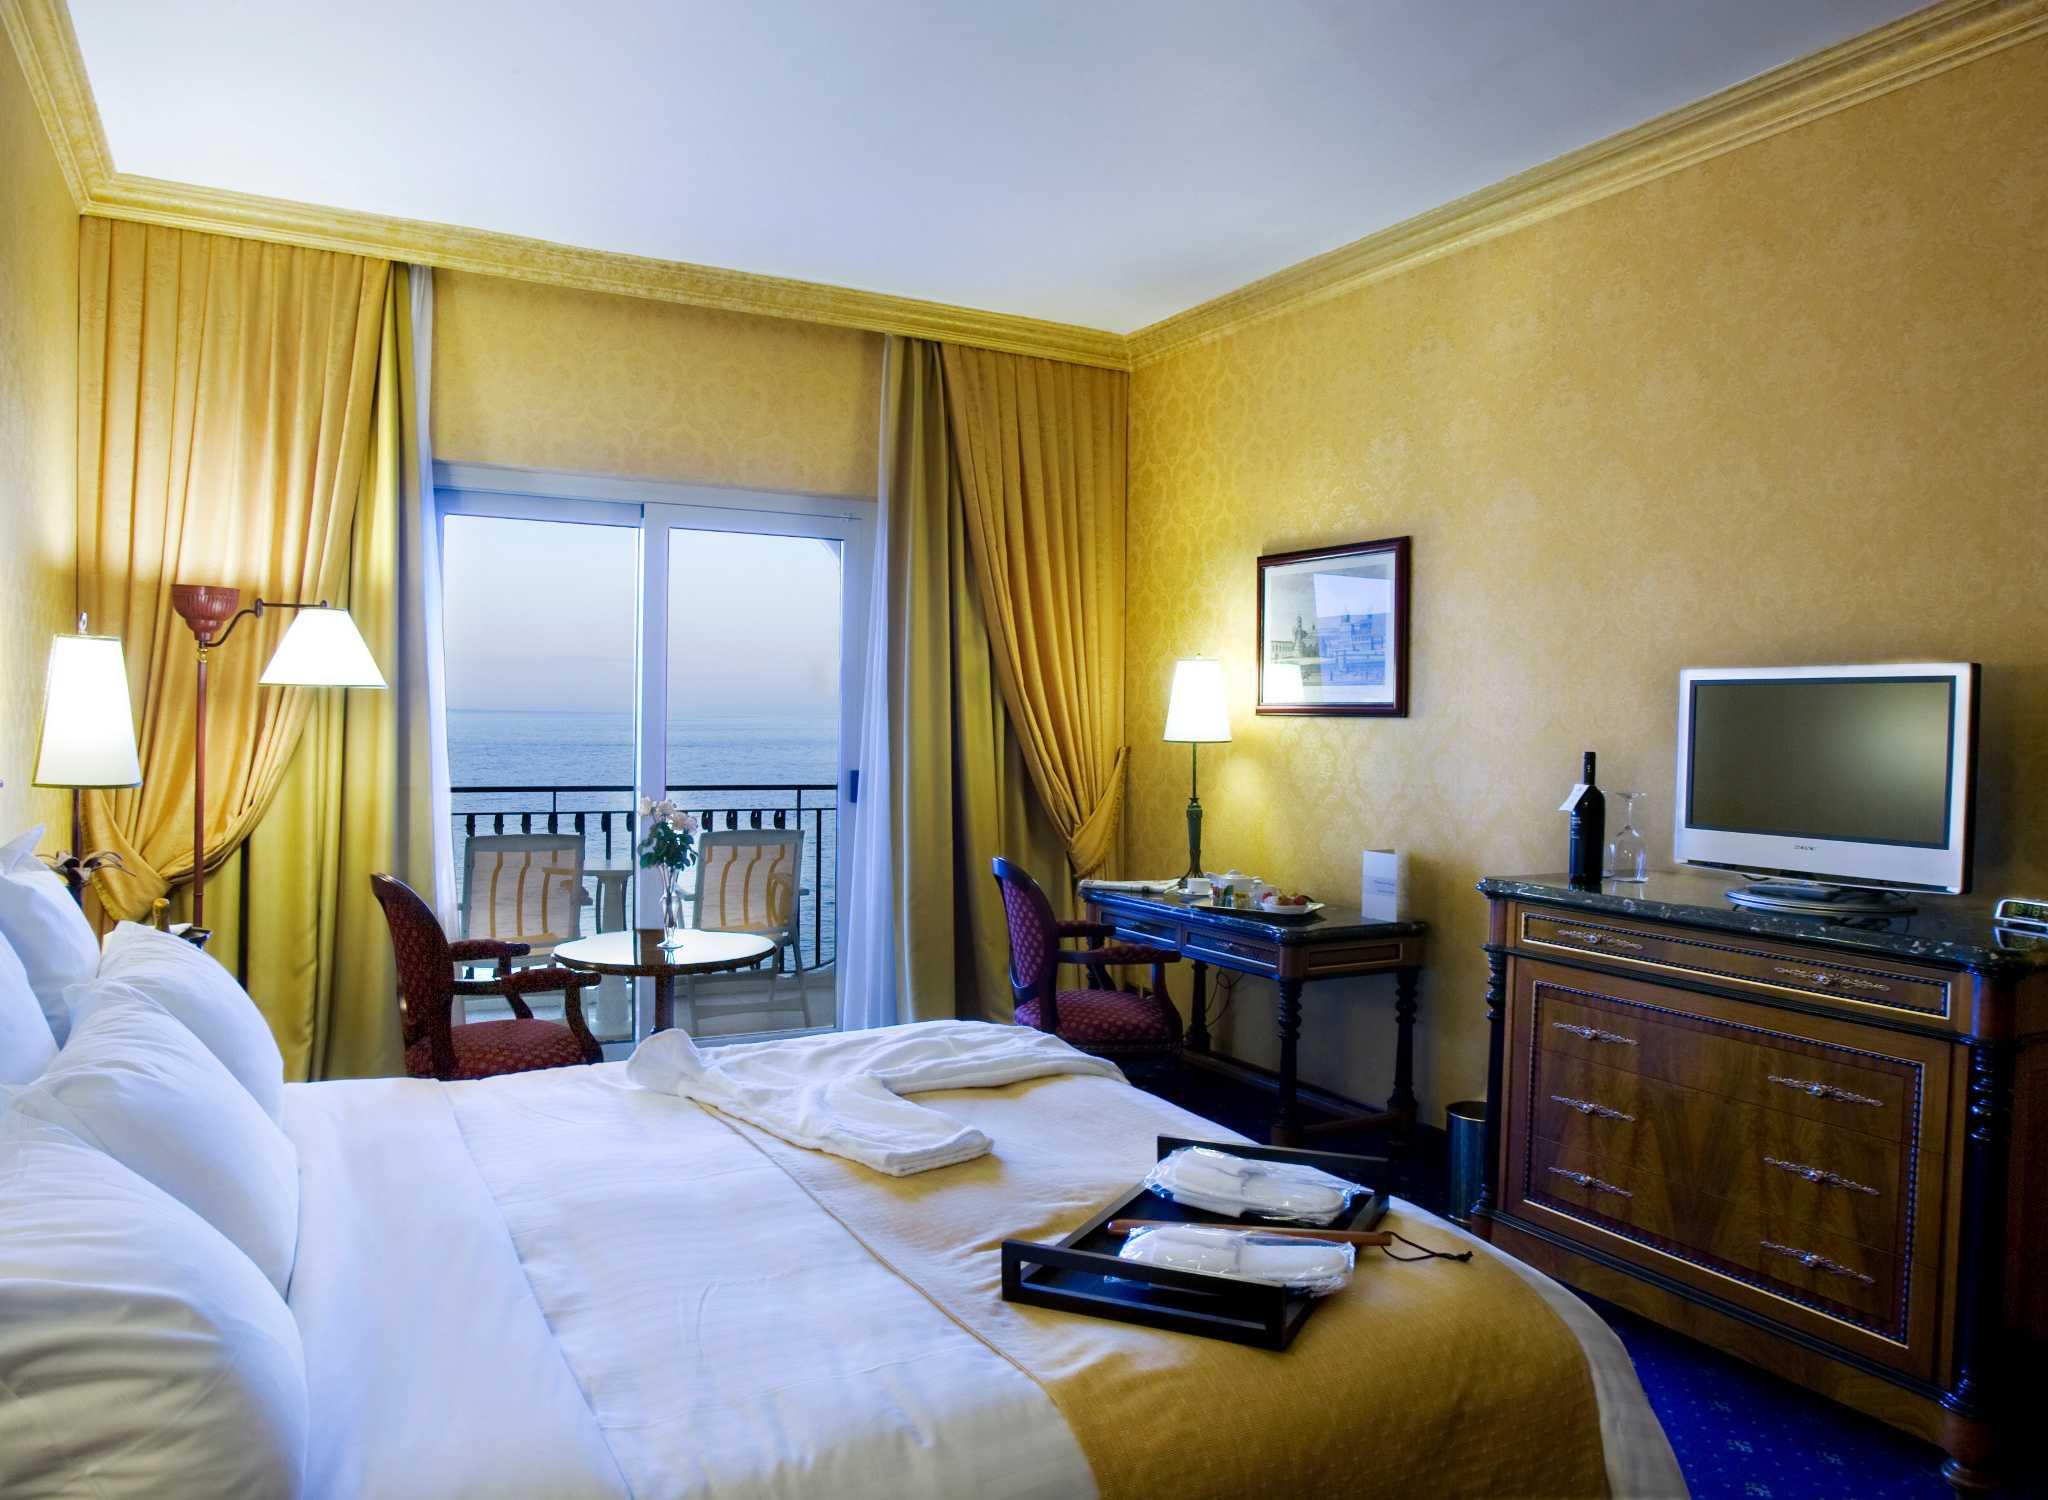 Hotel Con Spa Privata In Camera Sicilia